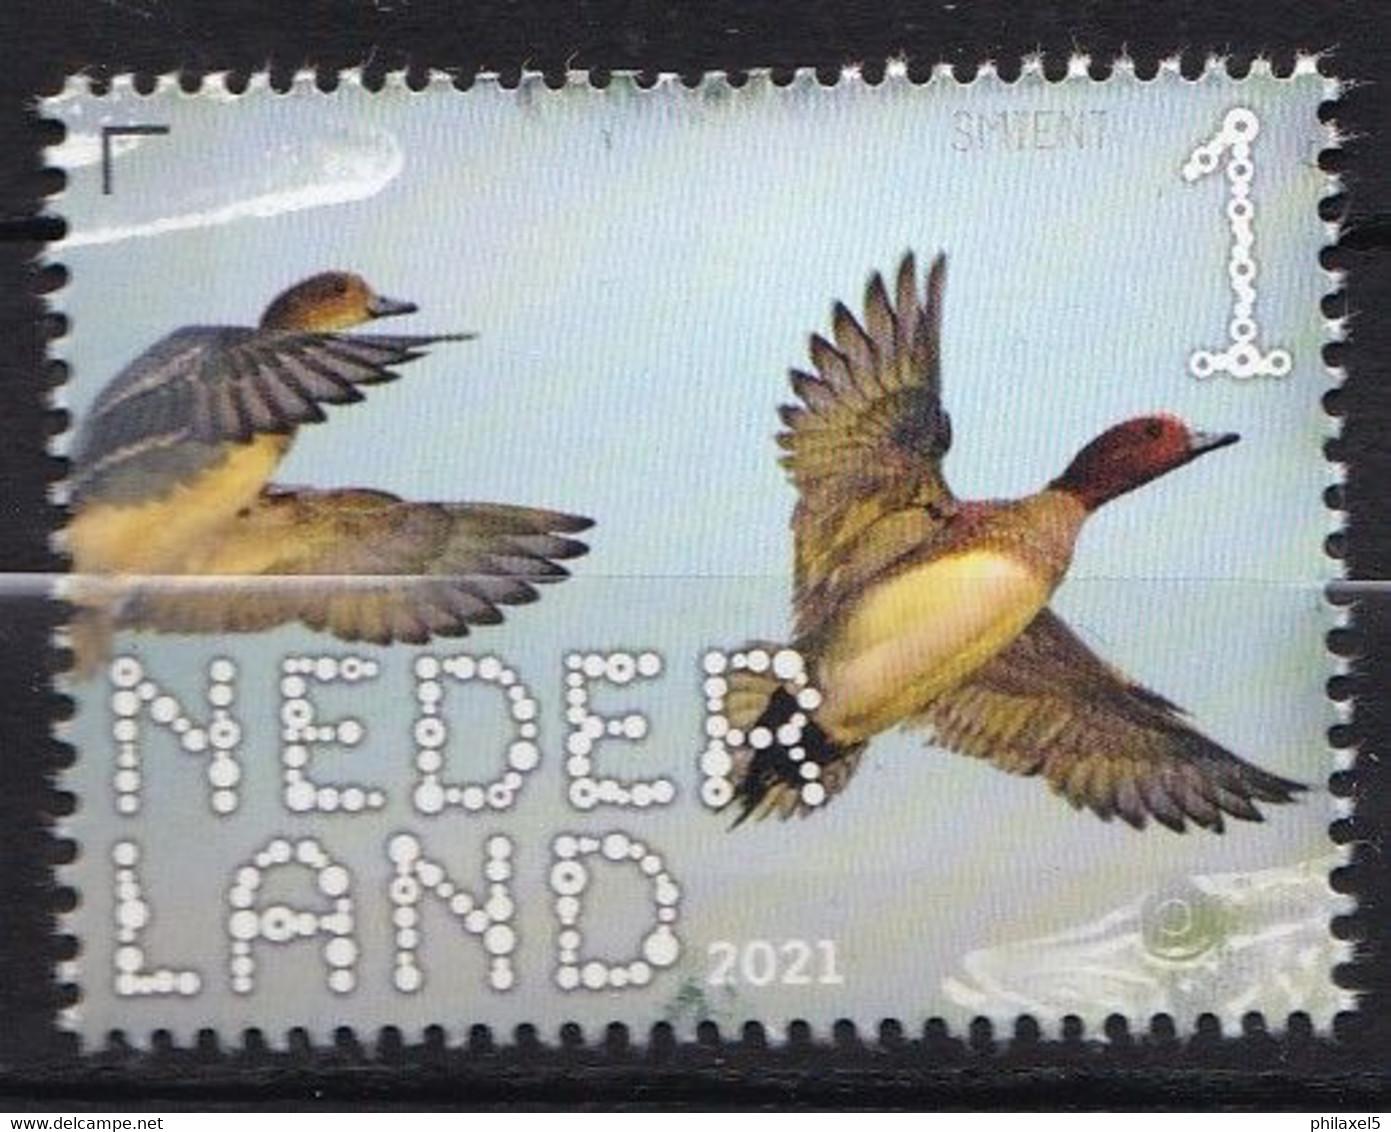 Nederland - Beleef De Natuur - 22 Februari 2021 - De Onlanden - Smient - MNH - Entenvögel